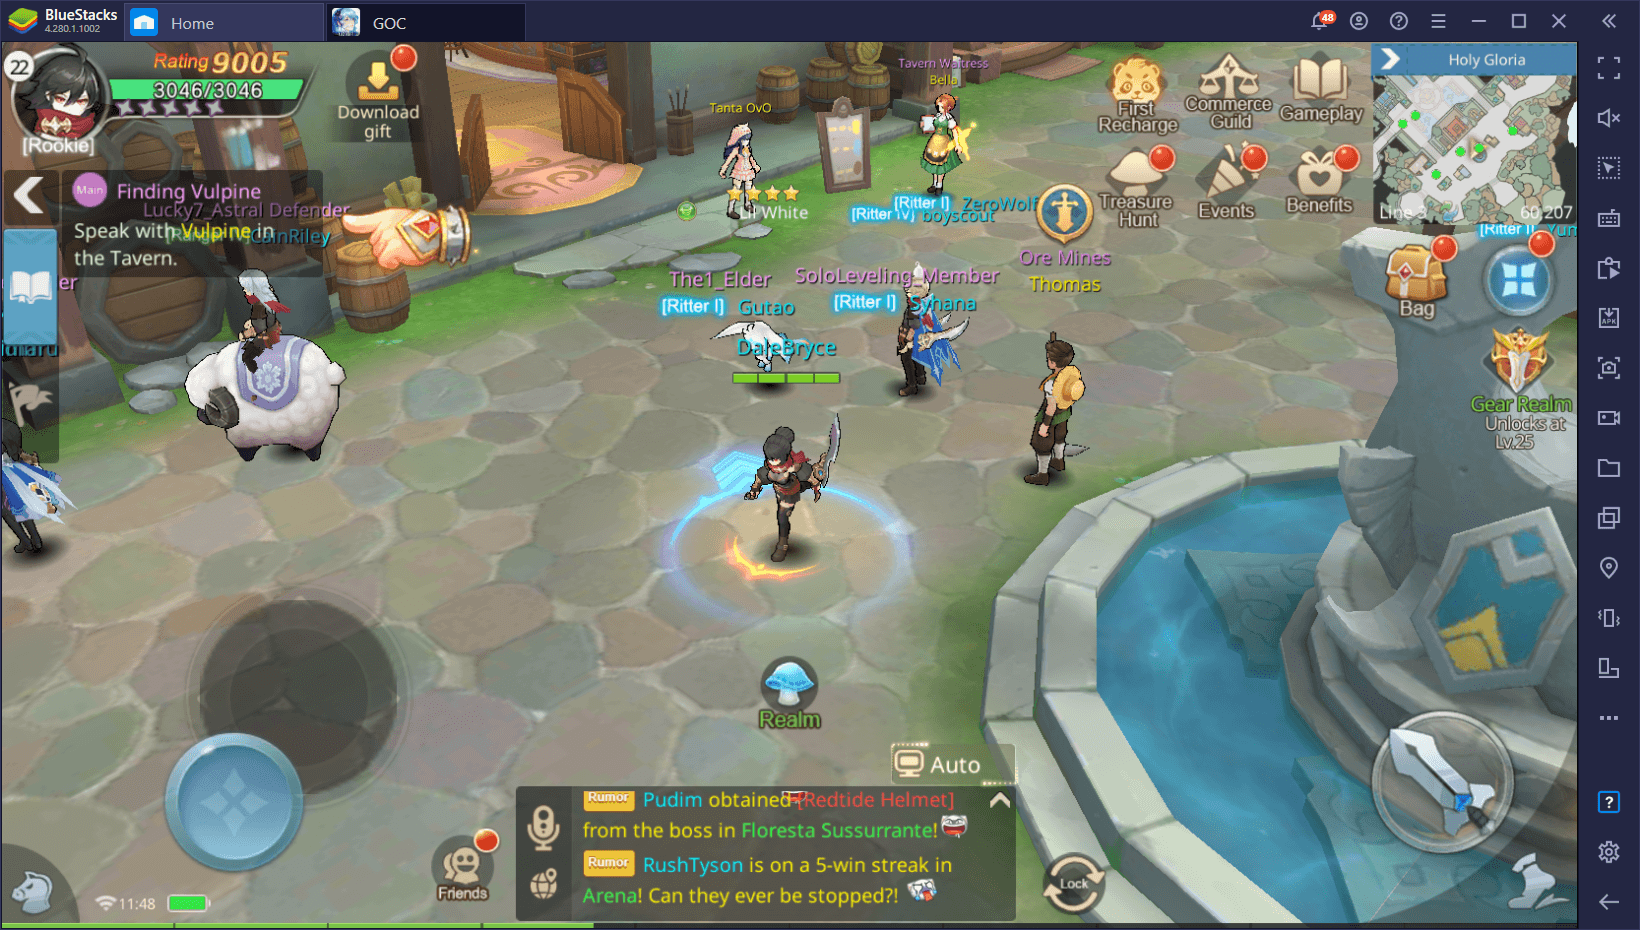 نصائح وحيل للمبتدئين للعبة Guardians of Cloudia – ابدأ رحلتك على المسار الصحيح